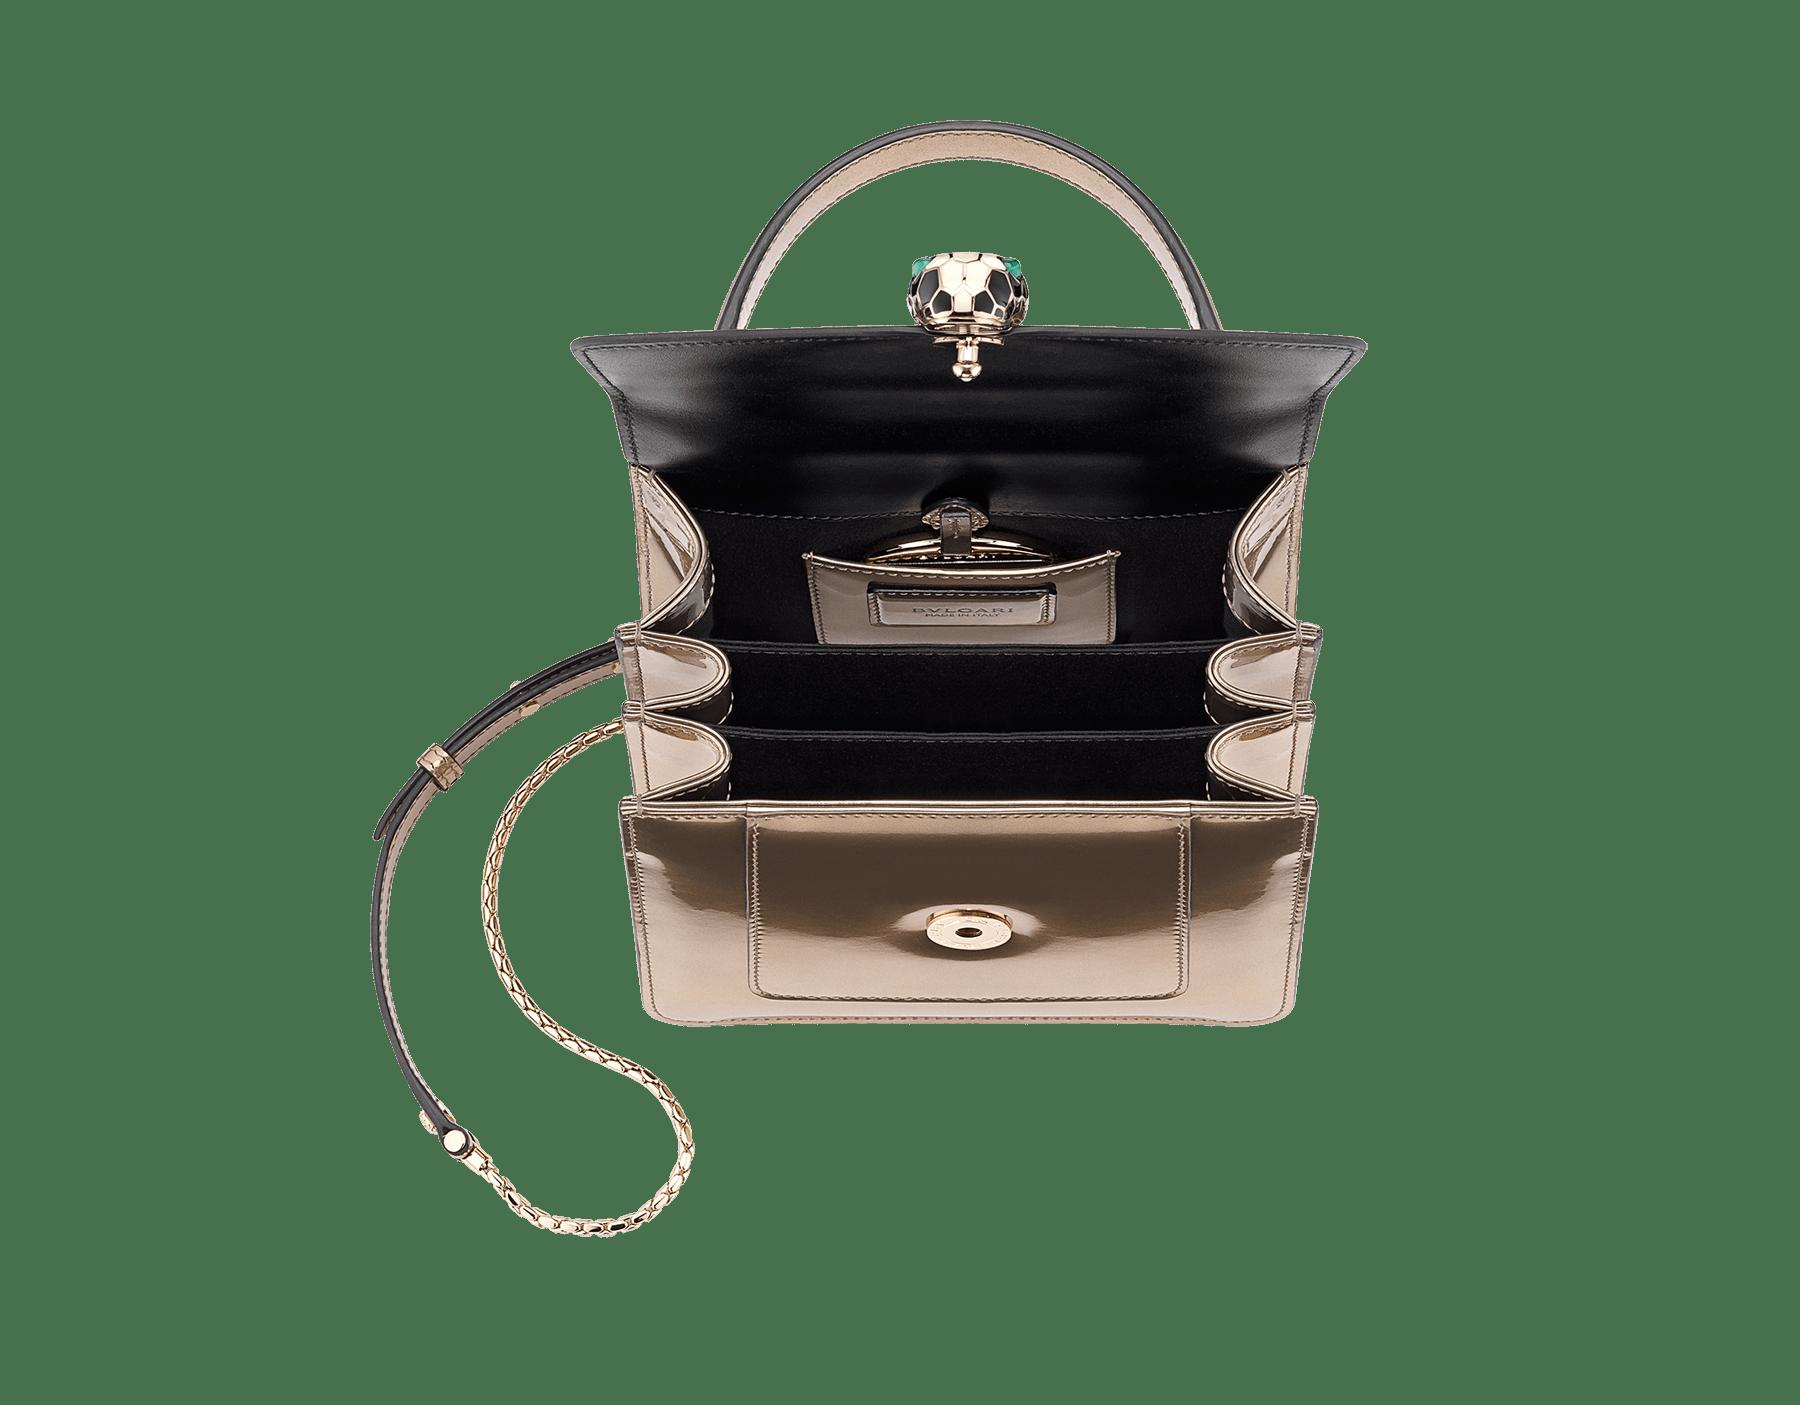 Serpenti Forever Tasche mit Umschlag aus gebürstetem bronzefarbenen Metallic-Kalbsleder. Hellvergoldete Metallelemente aus Messing und Schlangenkopfverschluss aus schwarzer und weißer Emaille mit malachitgrünen Augen. Test-Borse-Colore image 4